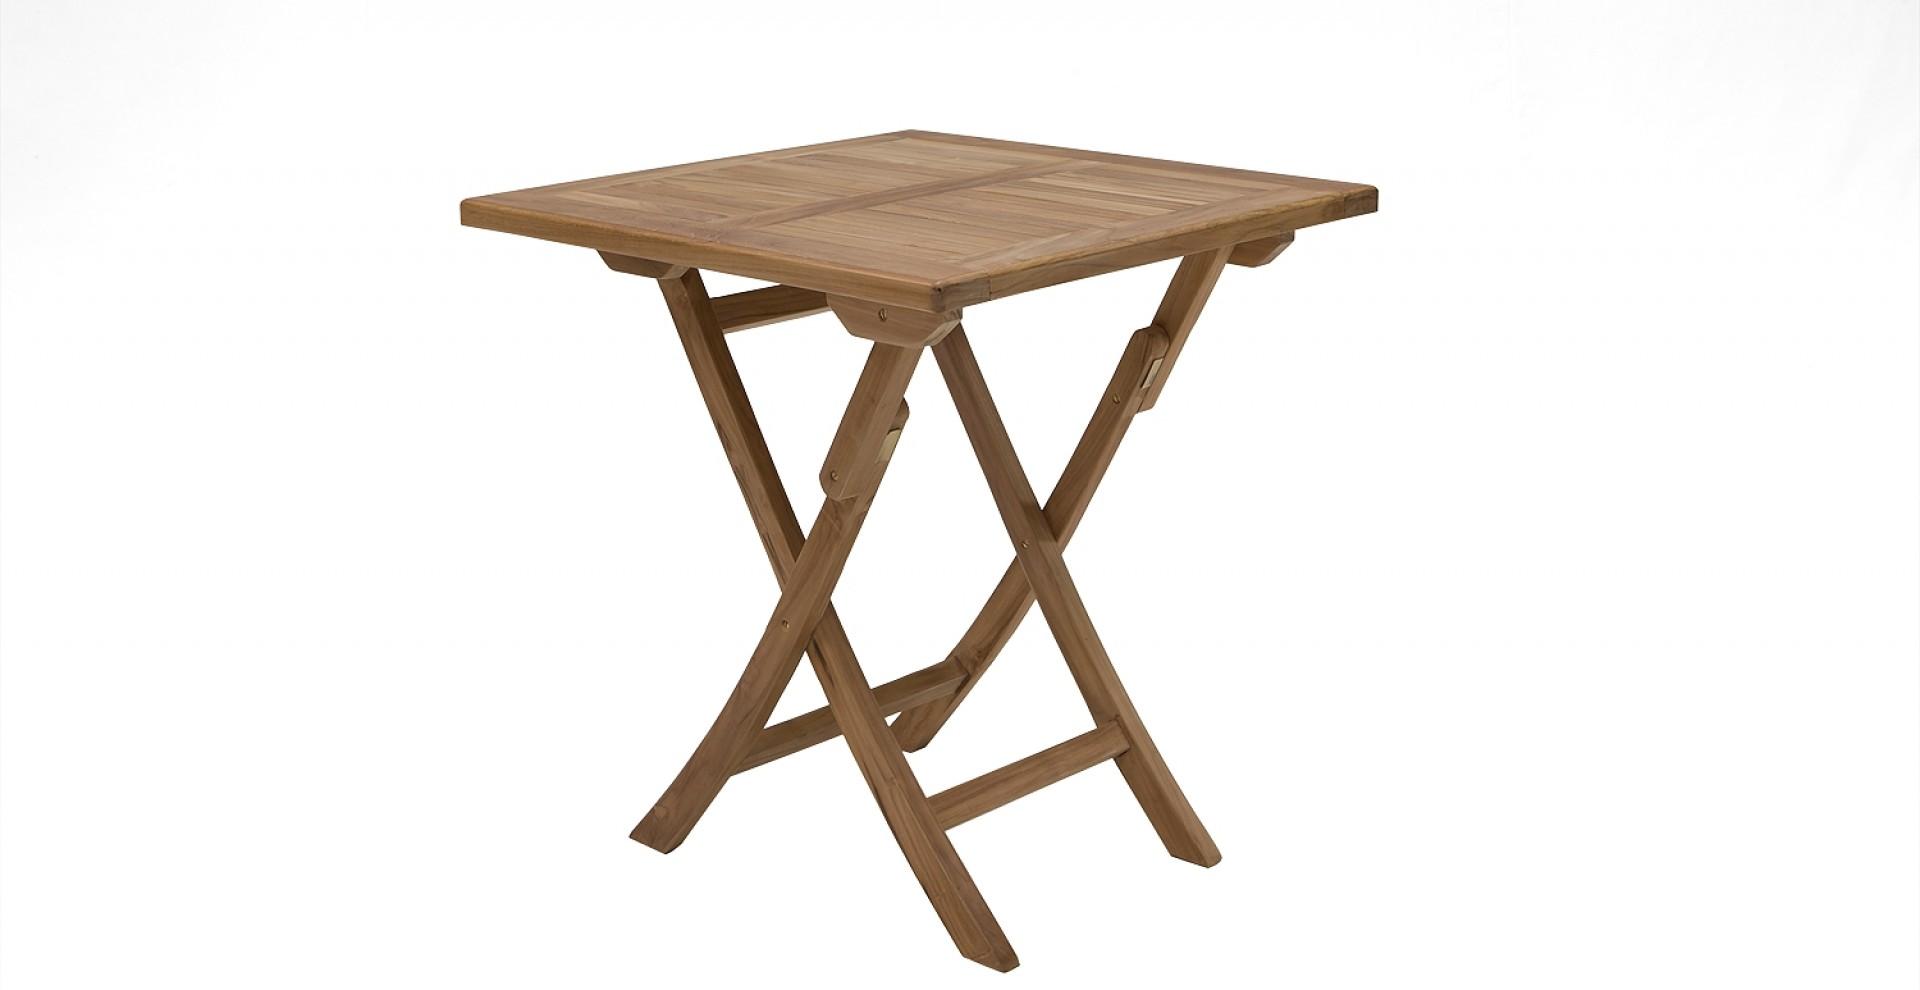 tisch easy klappbar rechteckig. Black Bedroom Furniture Sets. Home Design Ideas